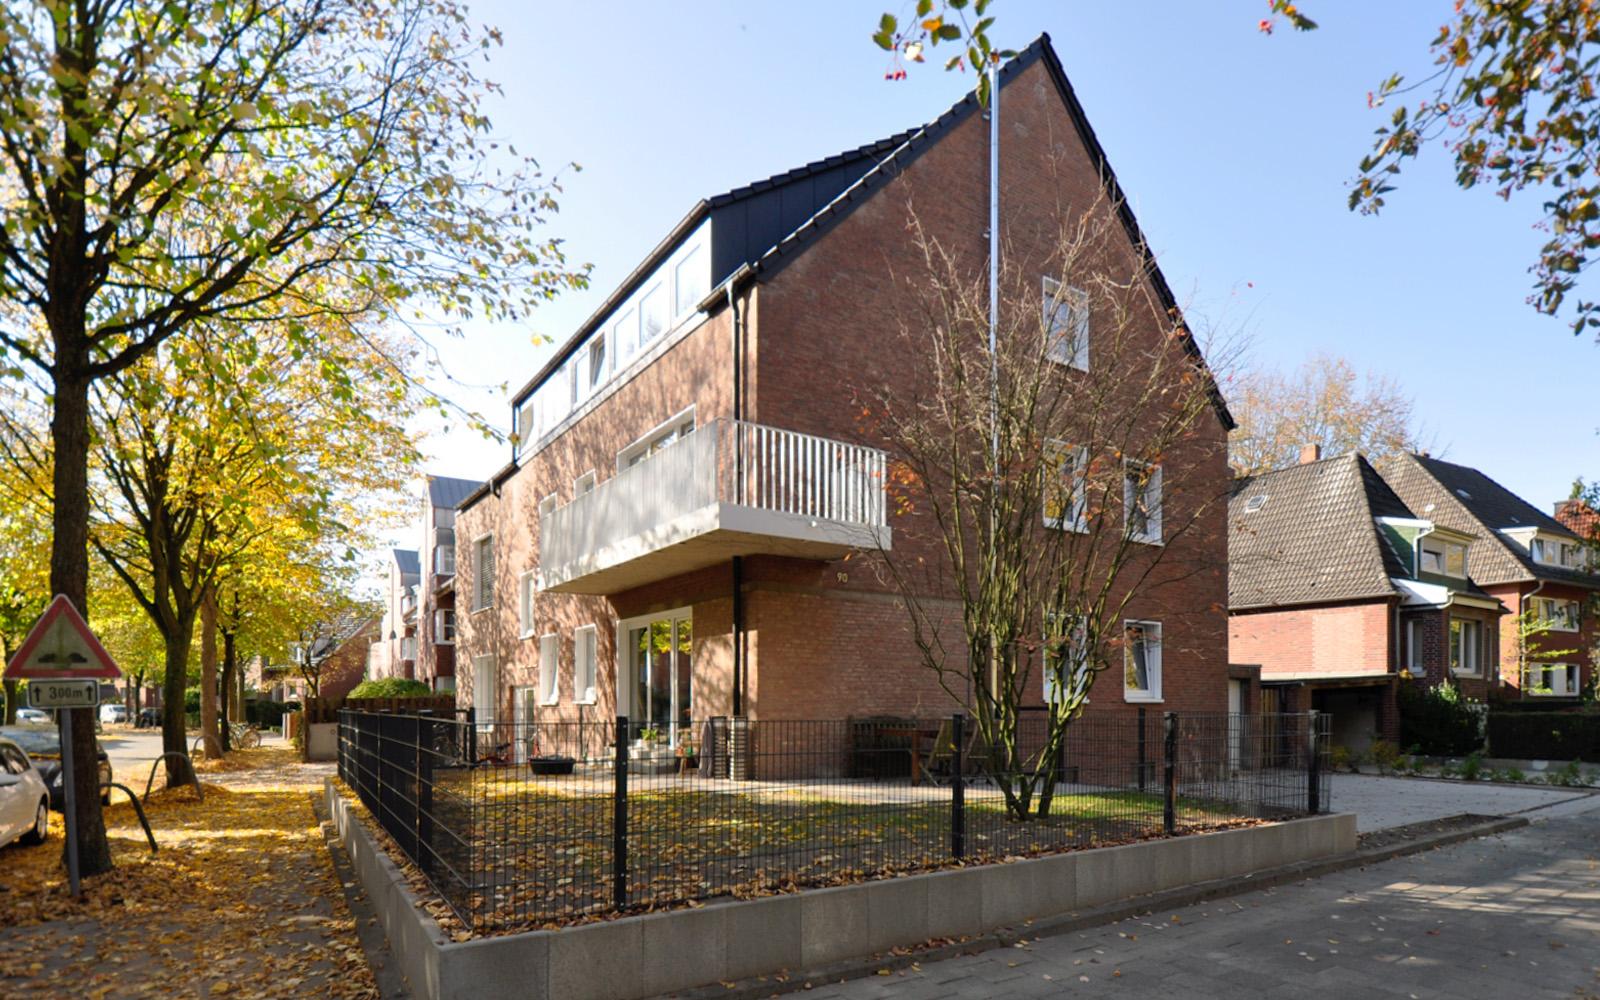 MVR90_SteinwegClausArchitekten_Mehrfamilienhaus_Muenster_Anbau_Umbau_Nachverdichtung_00006